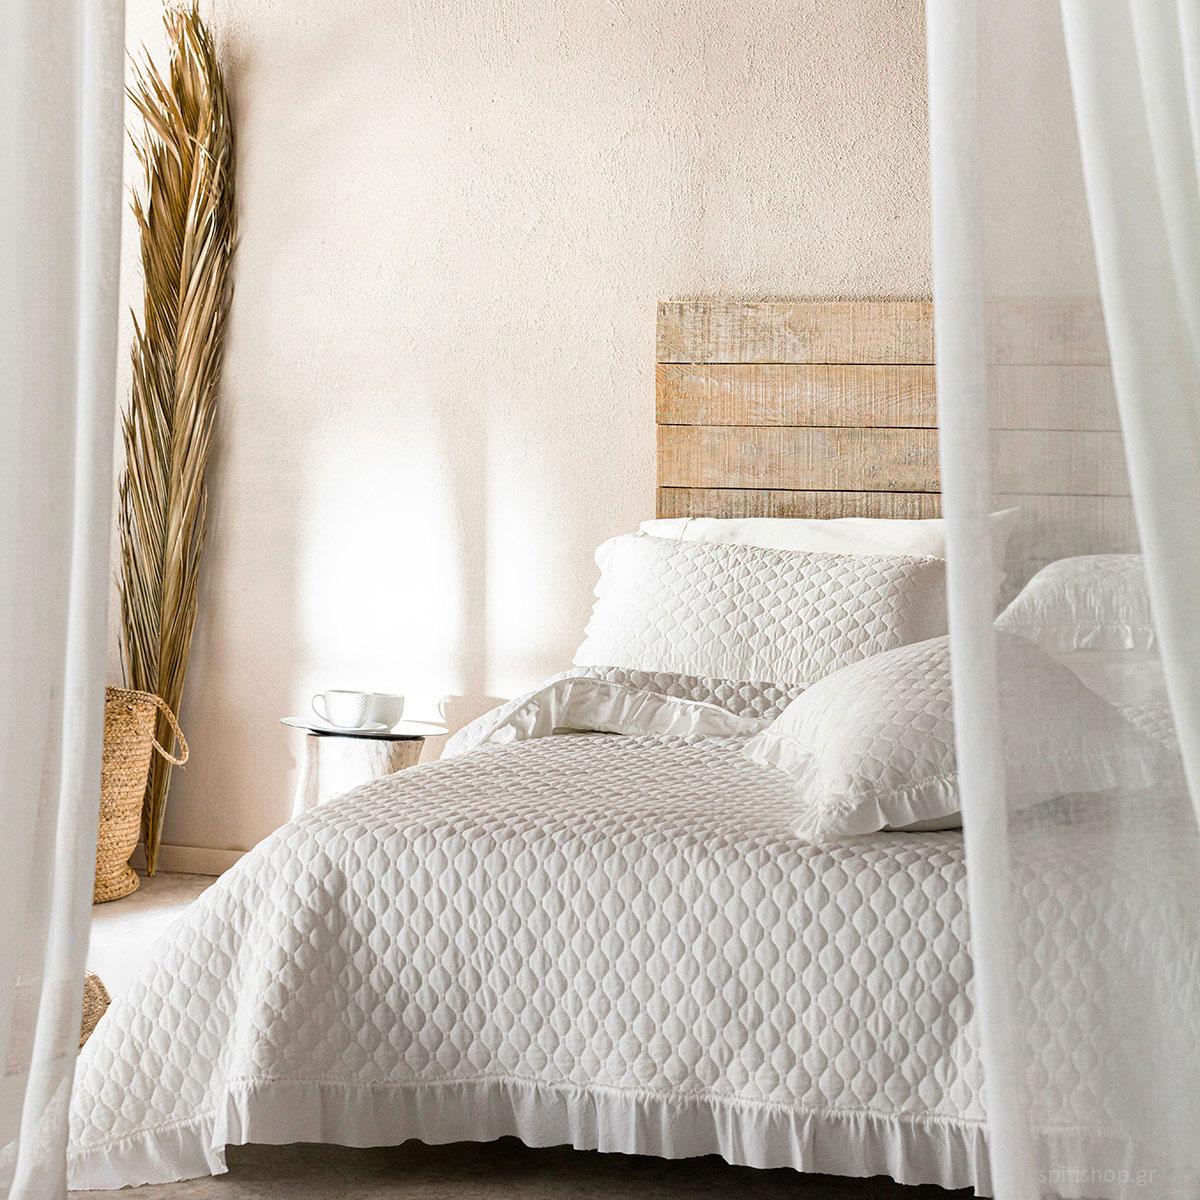 Κουβερλί Υπέρδιπλο (Σετ) Gofis Home Angelica Off White 197